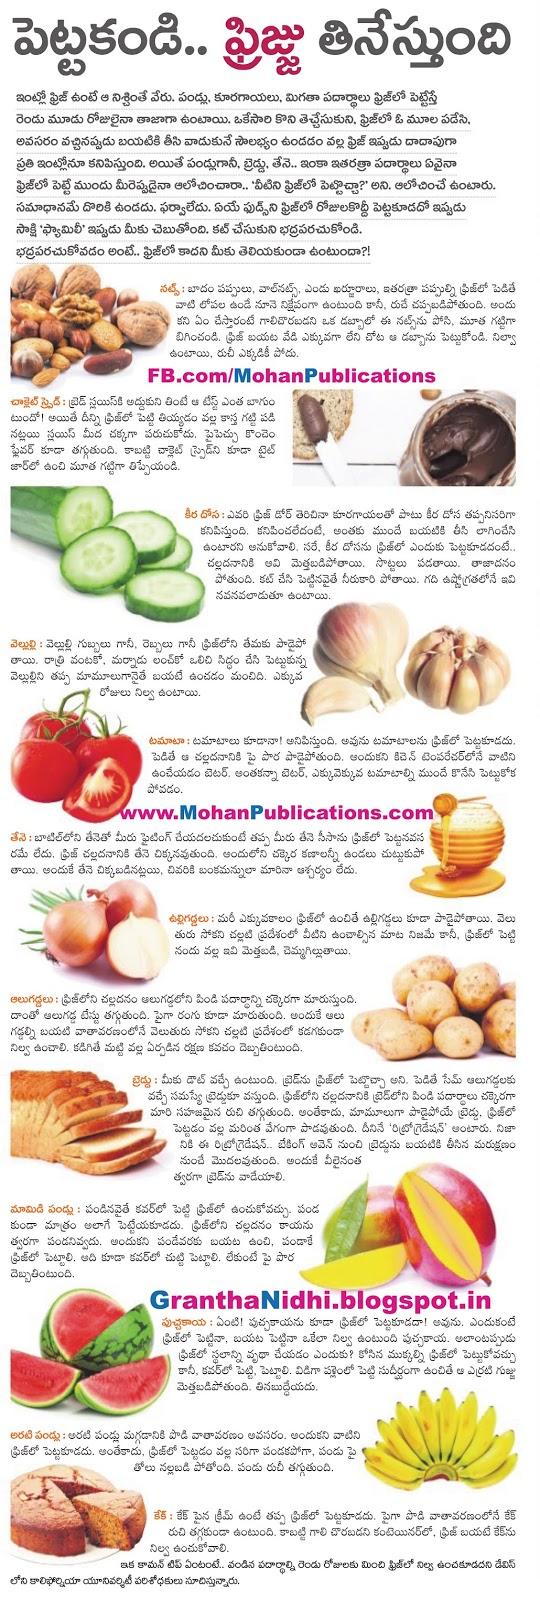 ఫ్రిజ్ లో వీటిని పెట్టొచ్చా | Fridge | Mohanpublications | Granthanidhi | Bhaktipustakalu Fridge Vegetables Fruits Freezing Deep fridge Non Freezing Items Freezing Items Publications in Rajahmundry, Books Publisher in Rajahmundry, Popular Publisher in Rajahmundry, BhaktiPustakalu, Makarandam, Bhakthi Pustakalu, JYOTHISA,VASTU,MANTRA, TANTRA,YANTRA,RASIPALITALU, BHAKTI,LEELA,BHAKTHI SONGS, BHAKTHI,LAGNA,PURANA,NOMULU, VRATHAMULU,POOJALU,  KALABHAIRAVAGURU, SAHASRANAMAMULU,KAVACHAMULU, ASHTORAPUJA,KALASAPUJALU, KUJA DOSHA,DASAMAHAVIDYA, SADHANALU,MOHAN PUBLICATIONS, RAJAHMUNDRY BOOK STORE, BOOKS,DEVOTIONAL BOOKS, KALABHAIRAVA GURU,KALABHAIRAVA, RAJAMAHENDRAVARAM,GODAVARI,GOWTHAMI, FORTGATE,KOTAGUMMAM,GODAVARI RAILWAY STATION, PRINT BOOKS,E BOOKS,PDF BOOKS, FREE PDF BOOKS,BHAKTHI MANDARAM,GRANTHANIDHI, GRANDANIDI,GRANDHANIDHI, BHAKTHI PUSTHAKALU, BHAKTI PUSTHAKALU, BHAKTHI